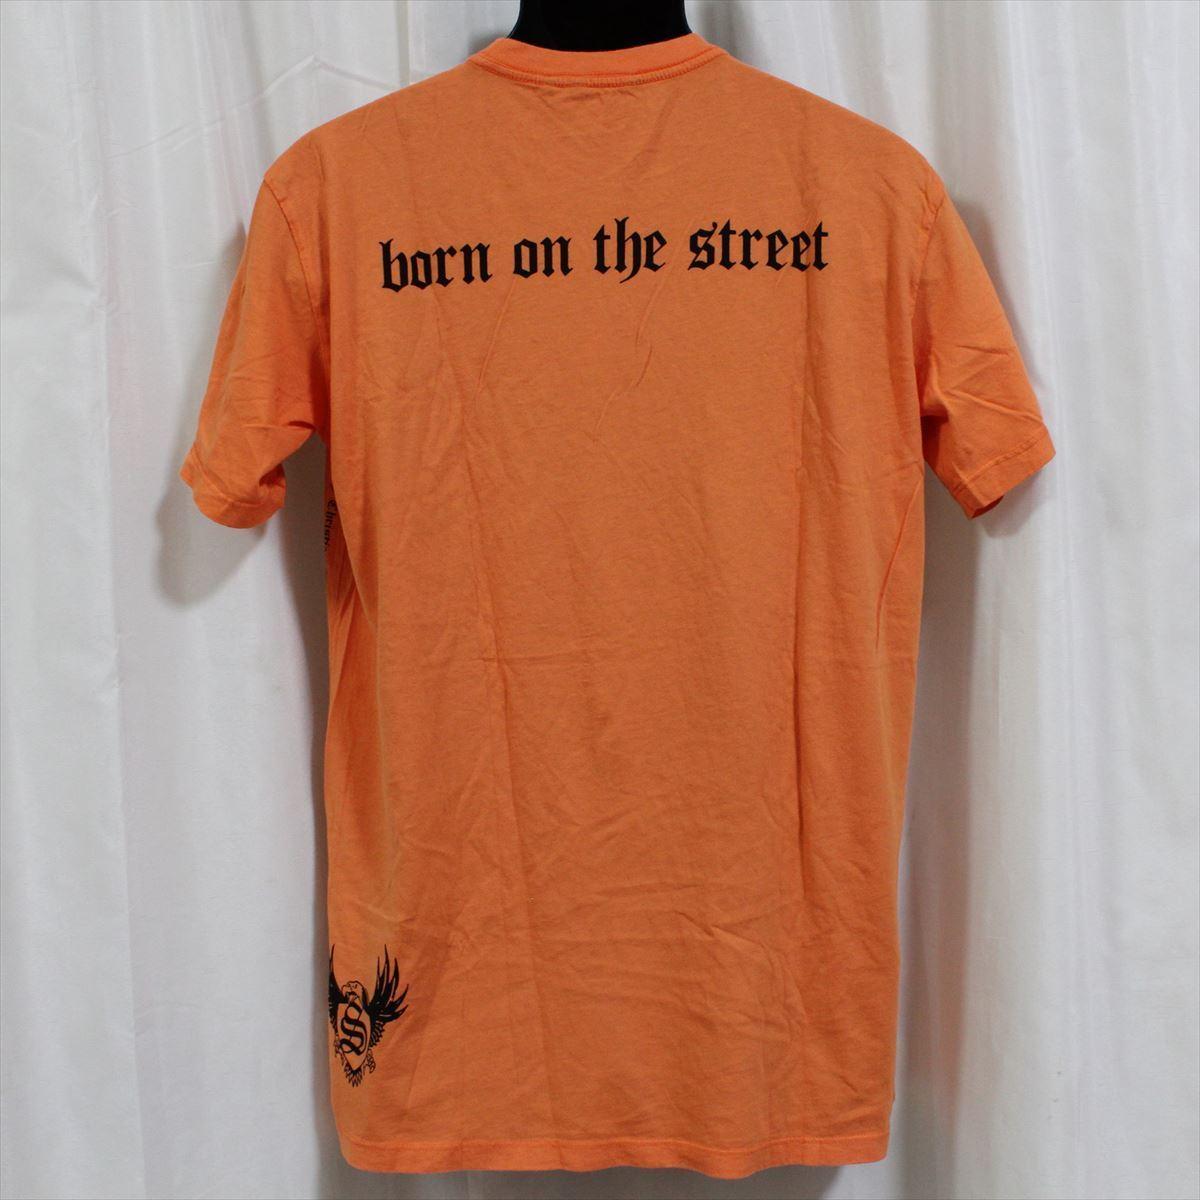 スメット SMET メンズ半袖Tシャツ オレンジ Lサイズ NO3 新品_画像3